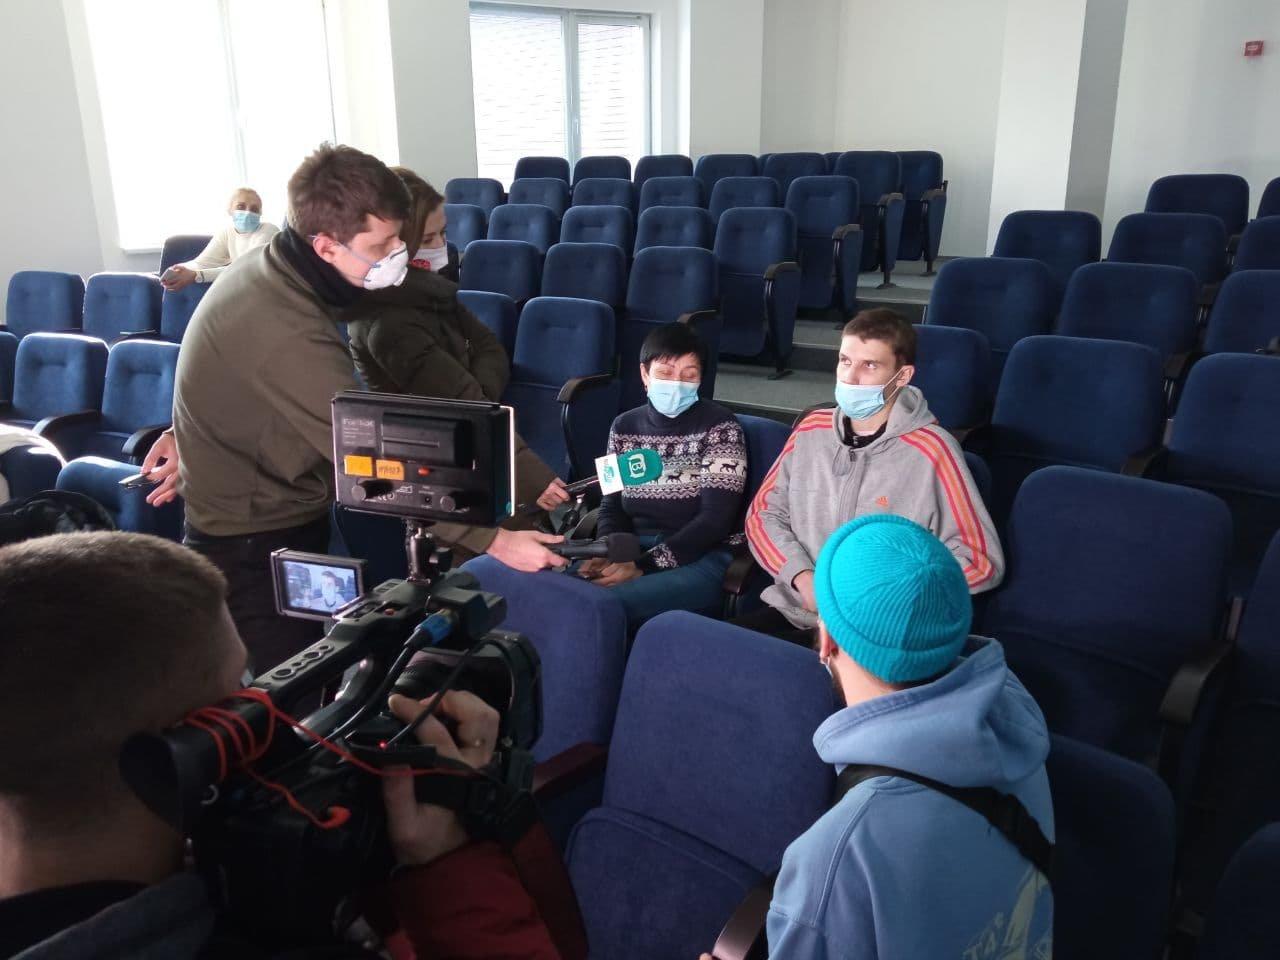 Днепровские медики спасли жизнь парня, получившего сверхтяжелые травмы, - ФОТО, фото-2